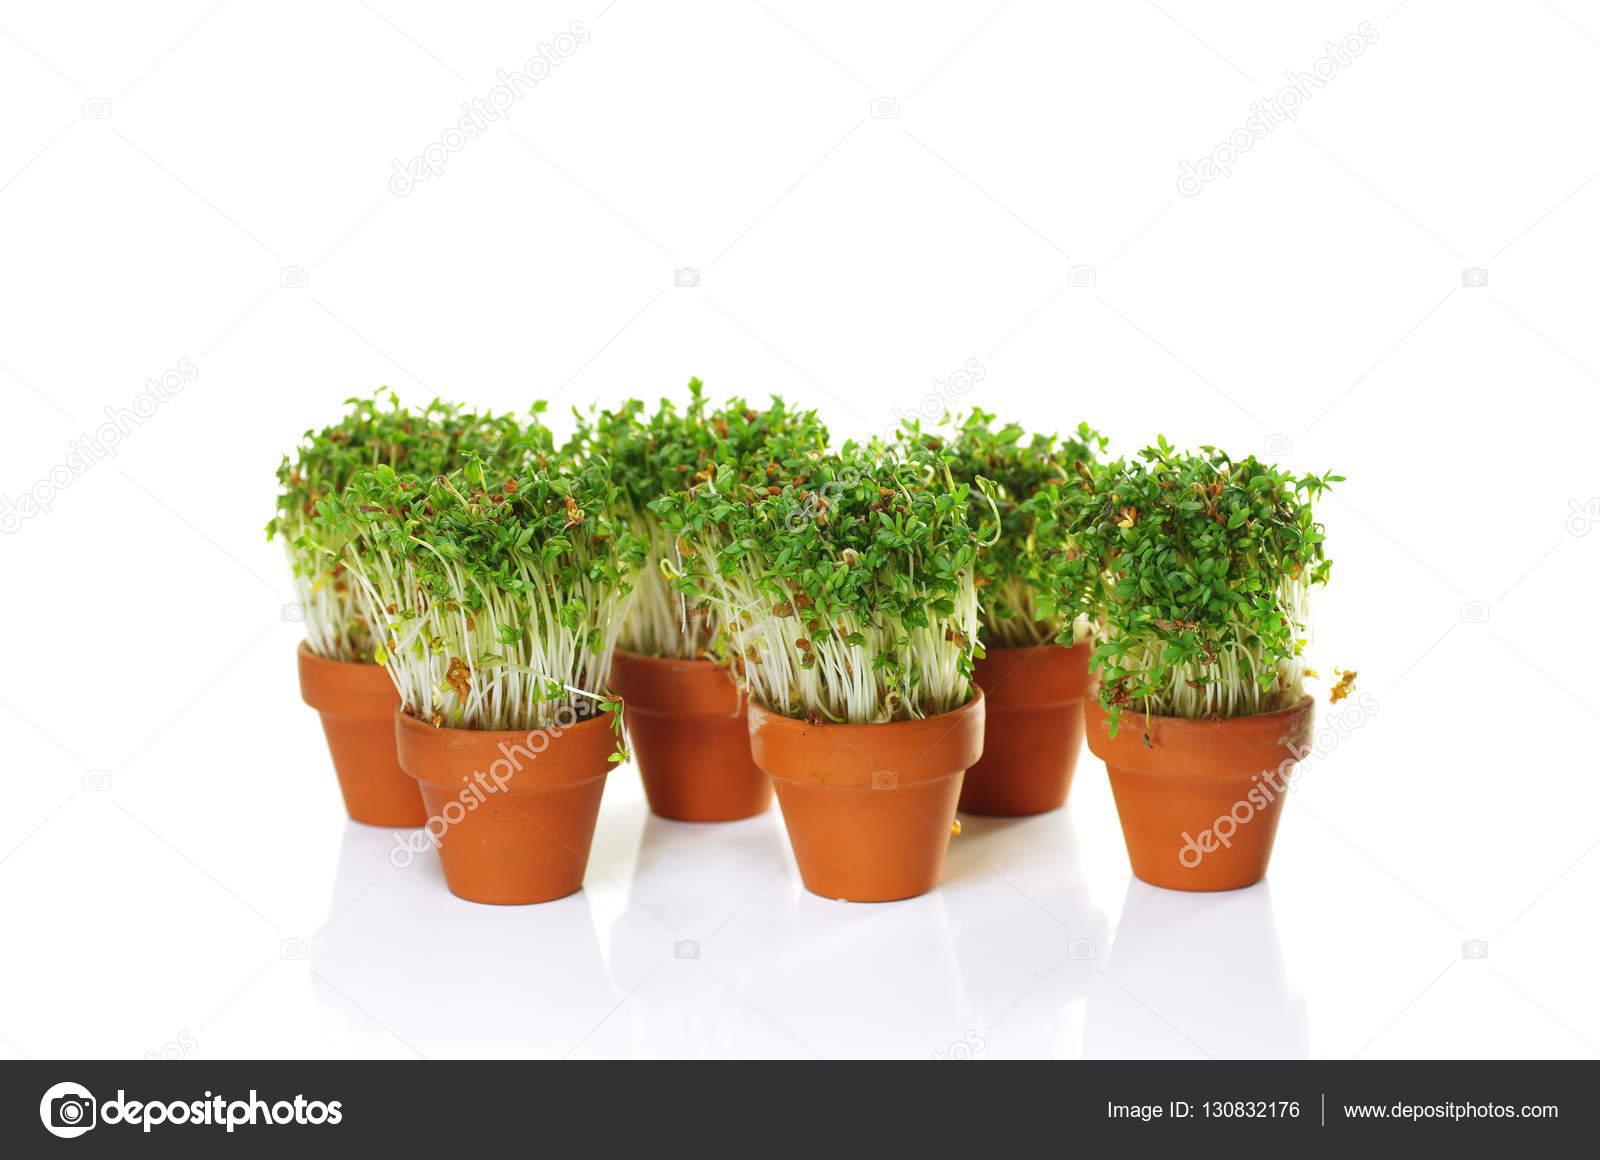 Посадка картофеля: какое удобрение добавлять в лунку